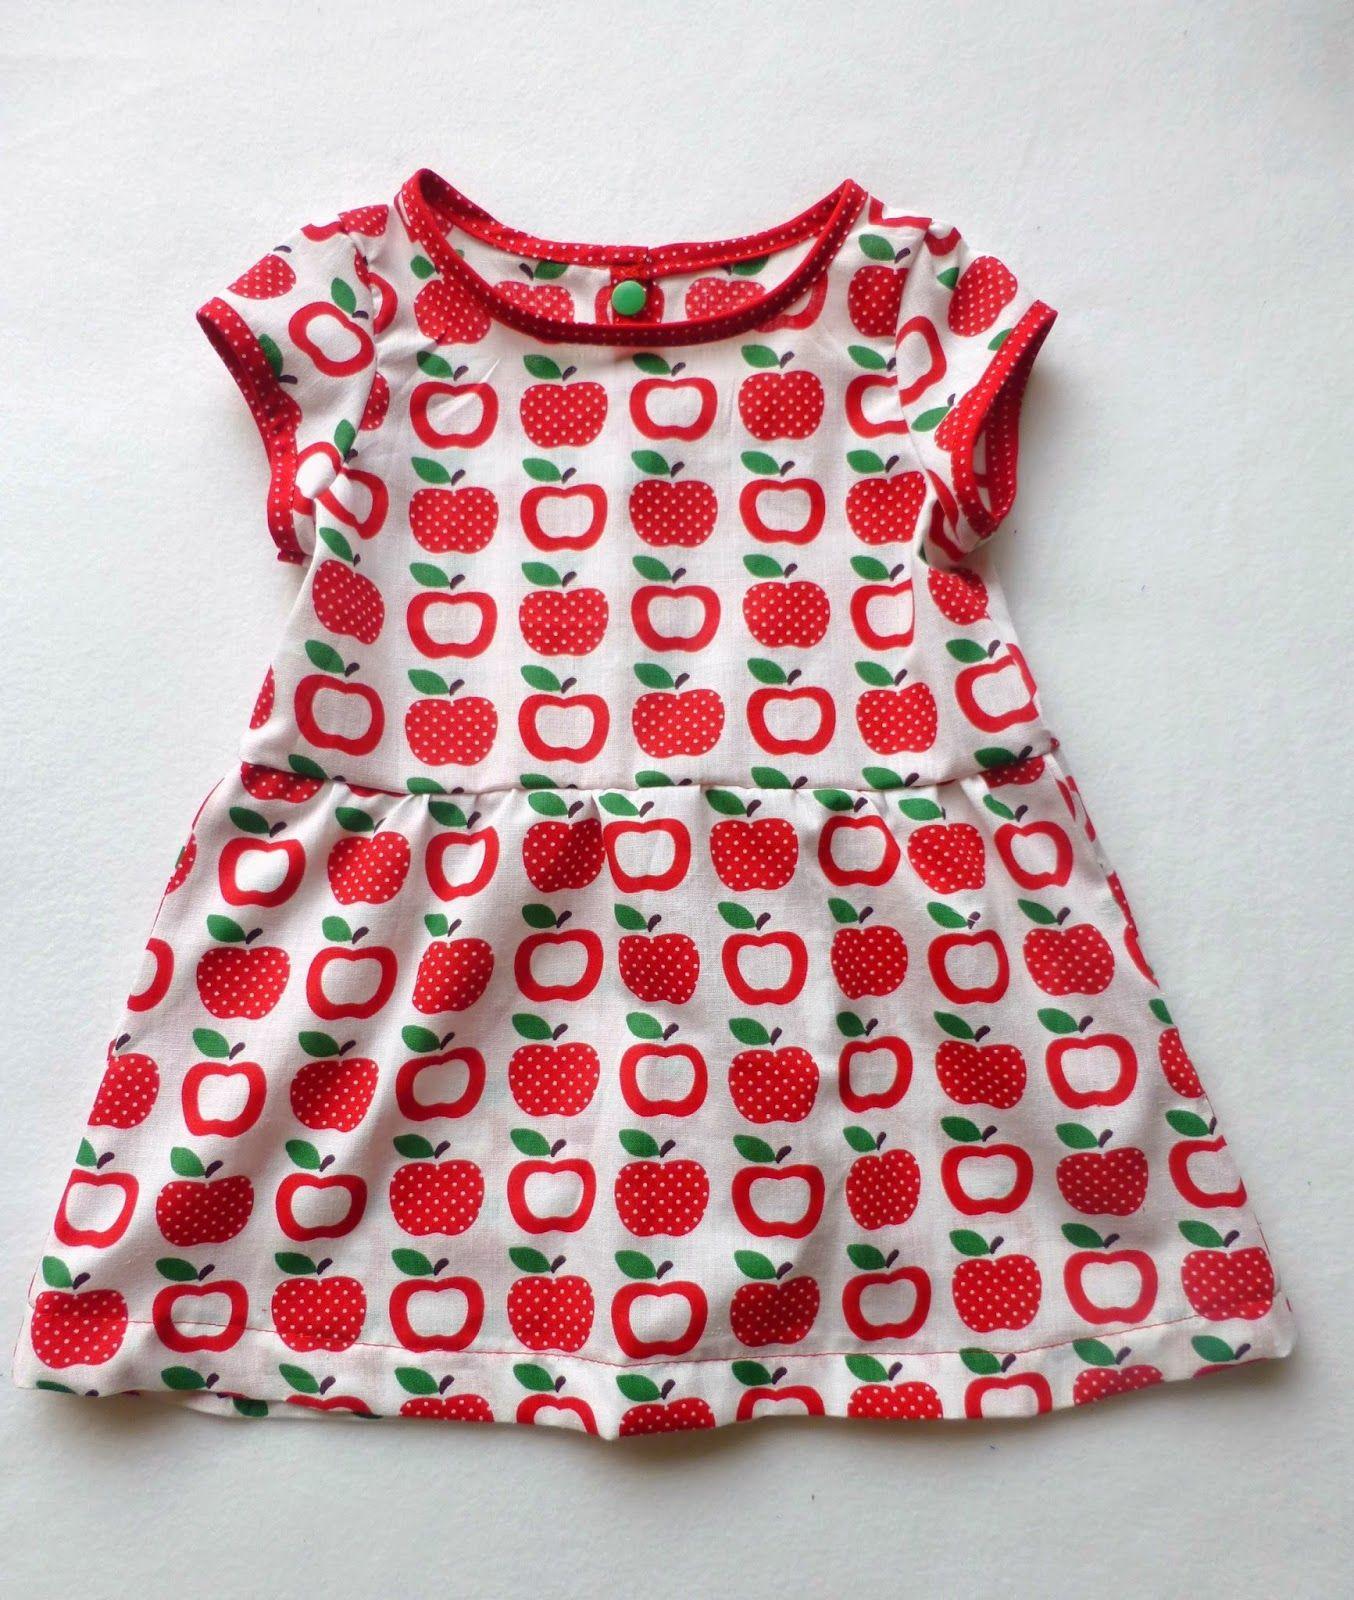 süßes Äpfelchenkleid